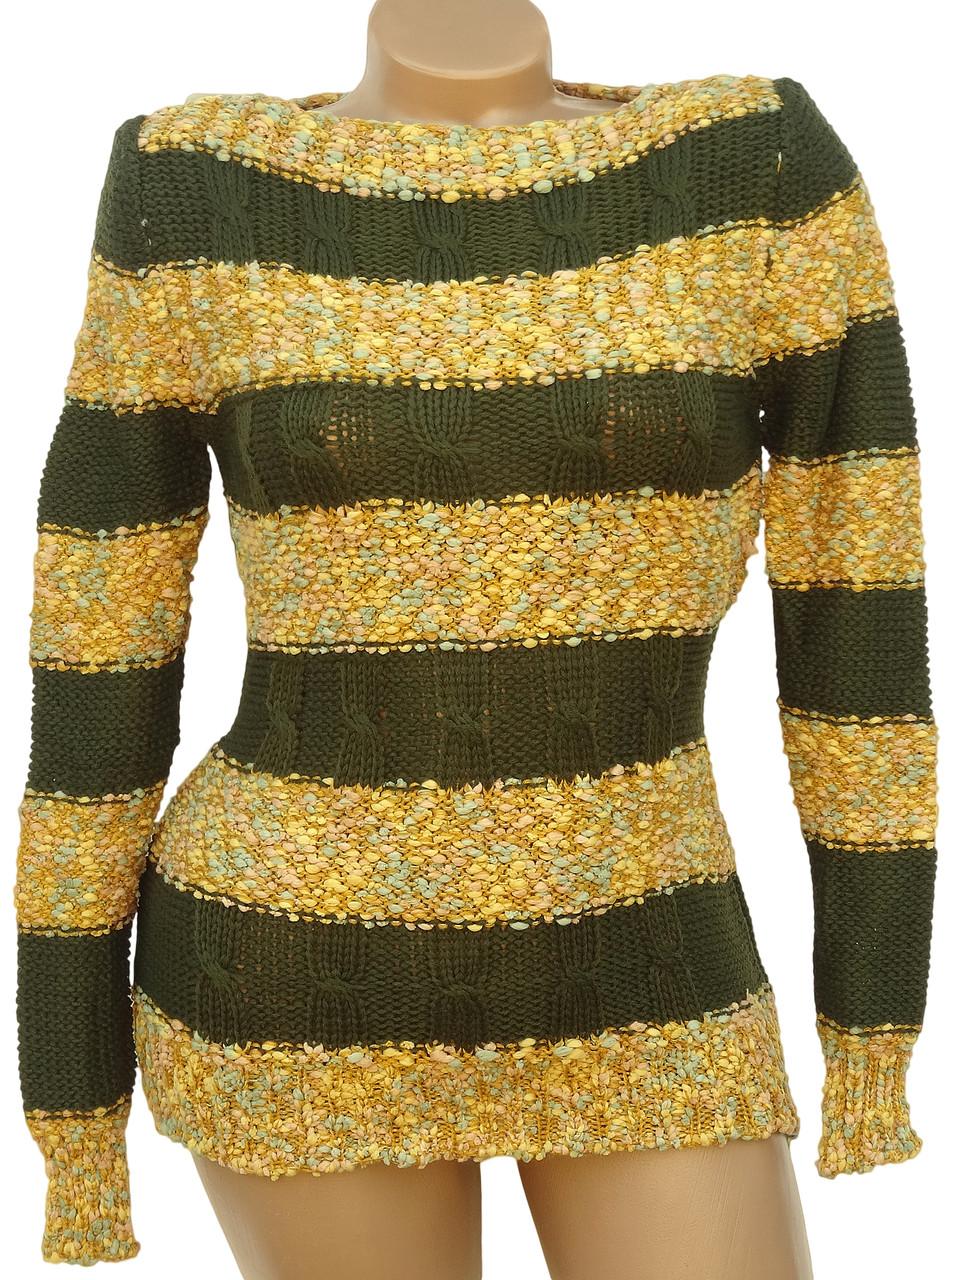 Вязаный свитер в полоски (44)